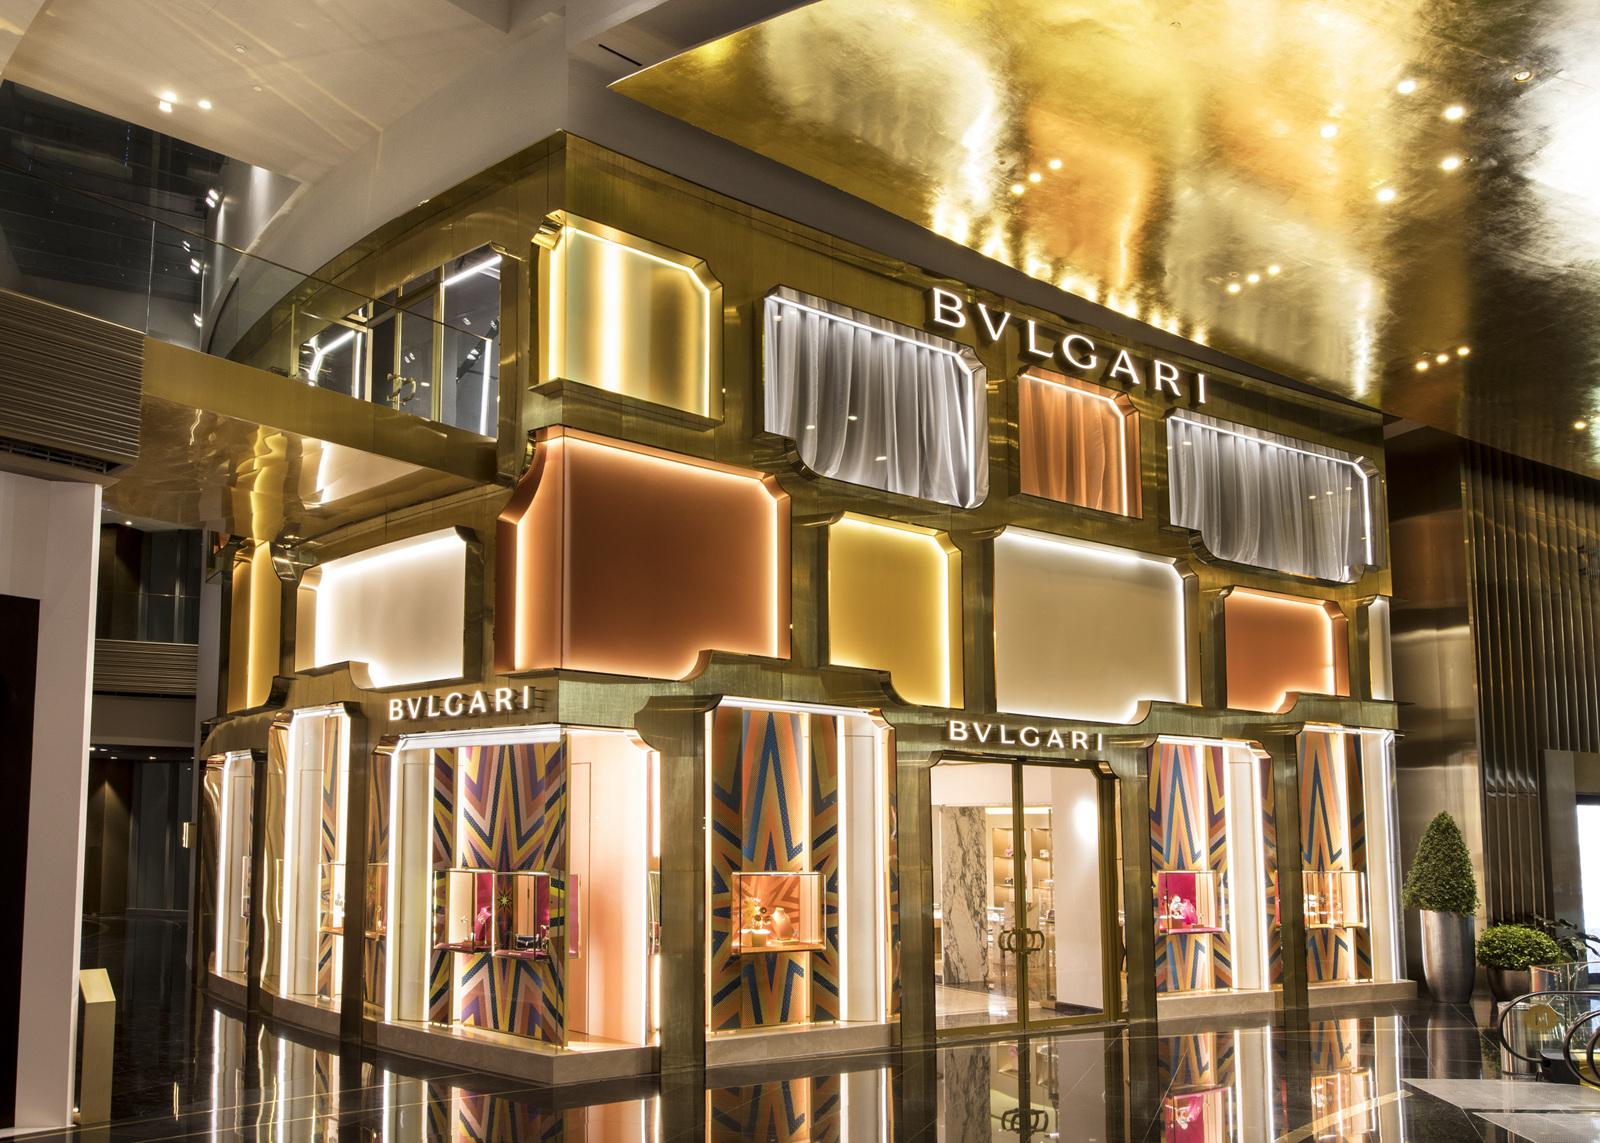 Bulgari new store in Bangkok at Inconsiam